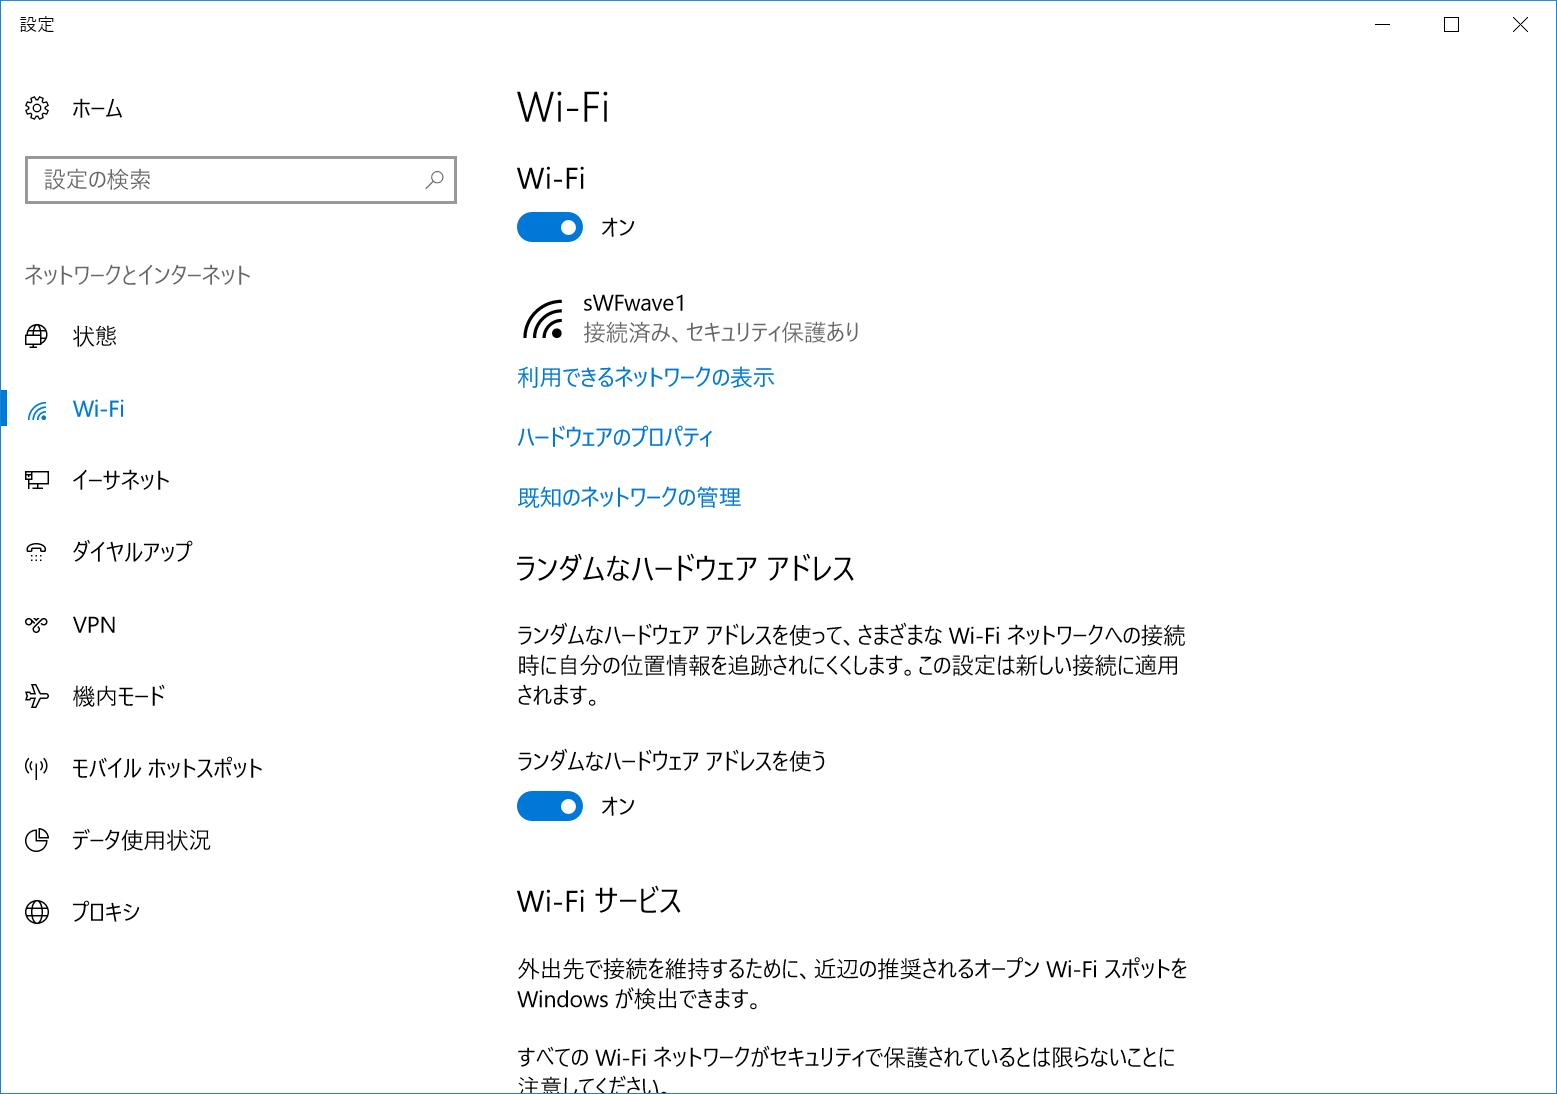 メインとして使っているデスクトップPCでは、「ランダムなハードウェアアクセス」(MACアドレスのランダム化)が利用可能になった。しかしながら、外出先でよく使うSurface 3ではまだ利用できない